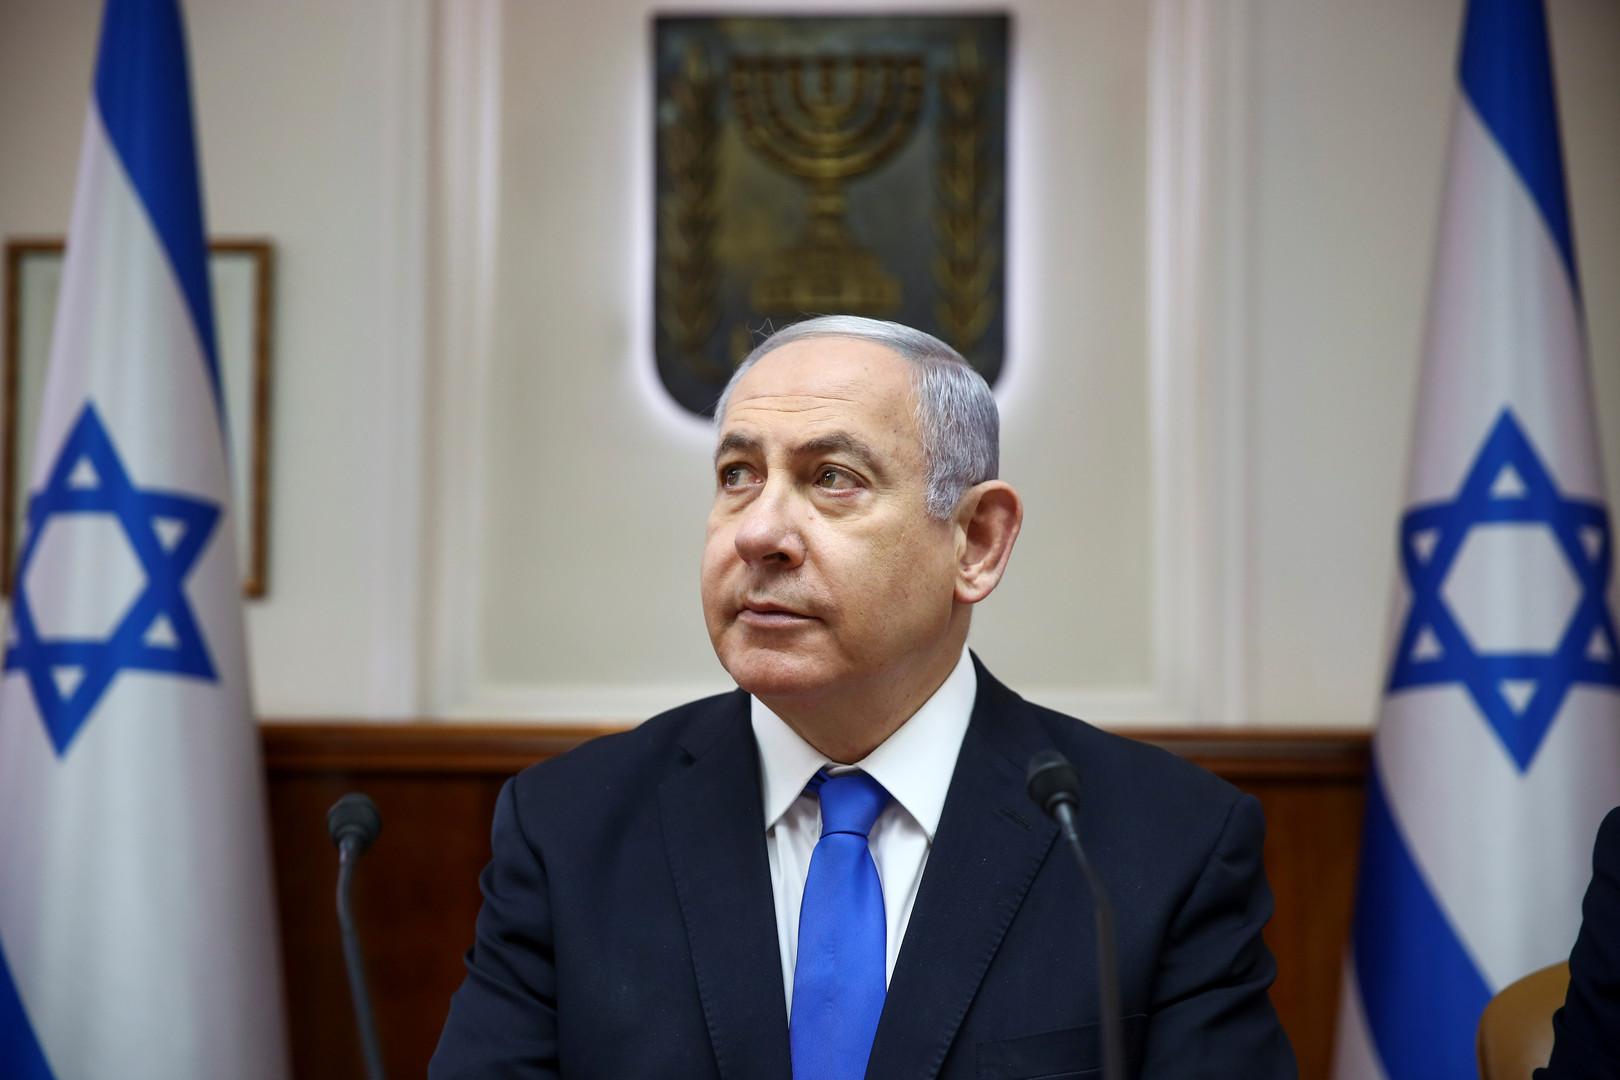 نتنياهو: الغاز الإسرائيلي سيزداد تدفقه إلى مصر بعد 4 أشهر